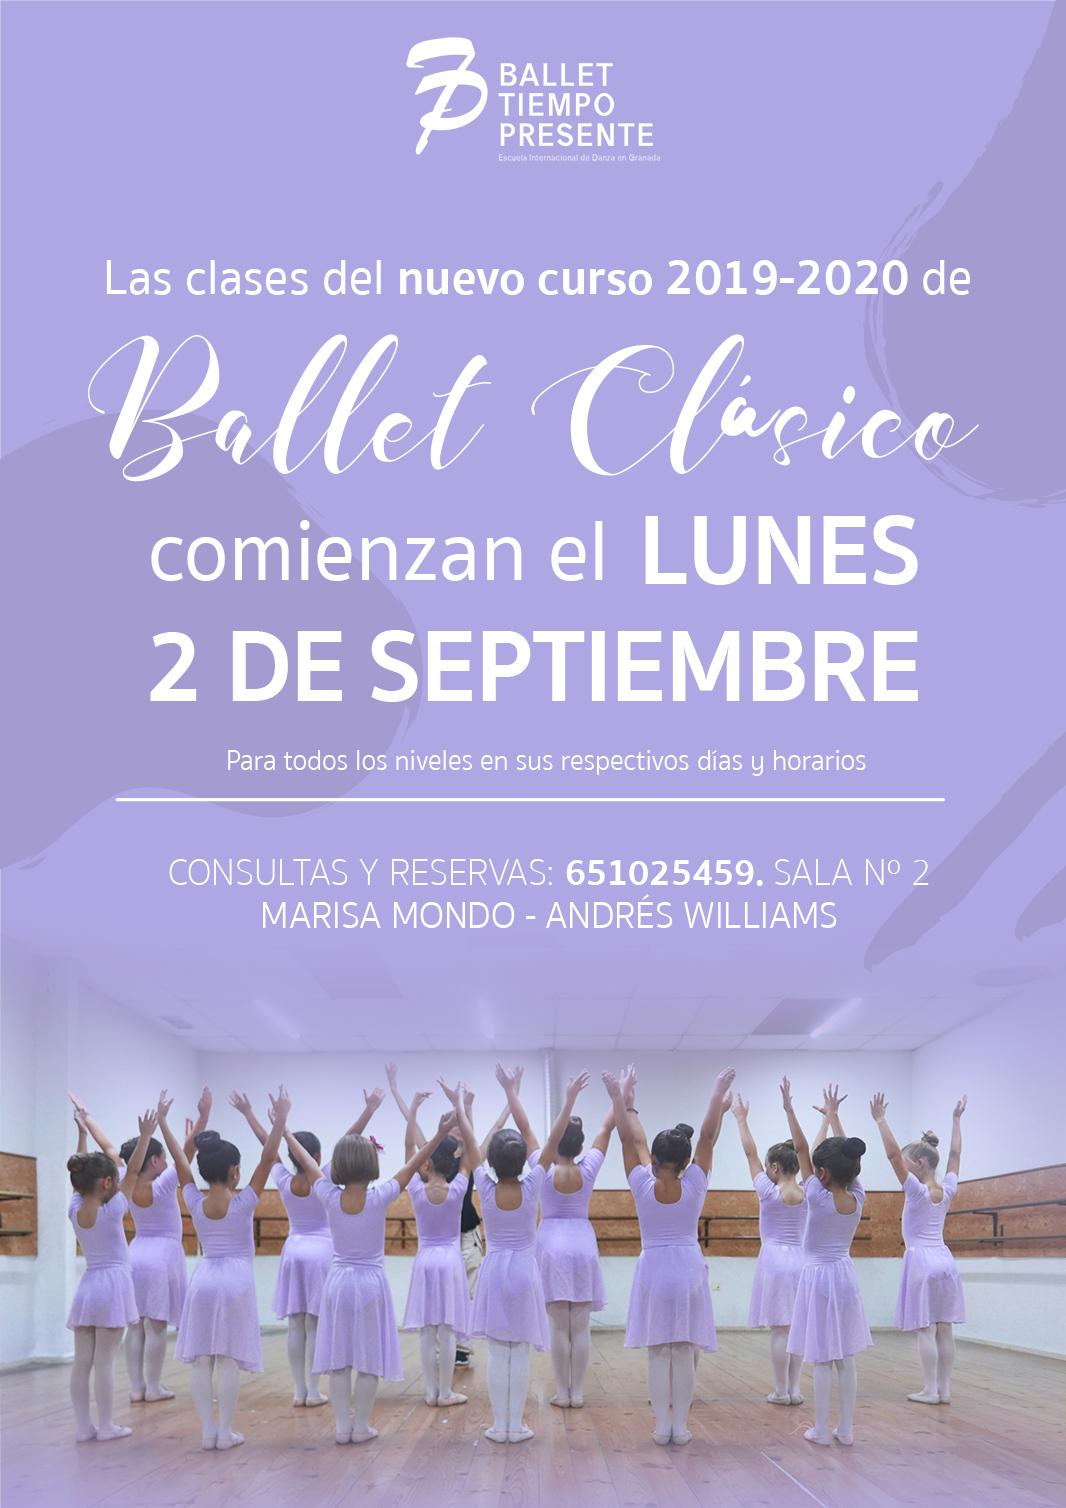 Comienzan las clases del curso 2019-2020 de Ballet Clásico